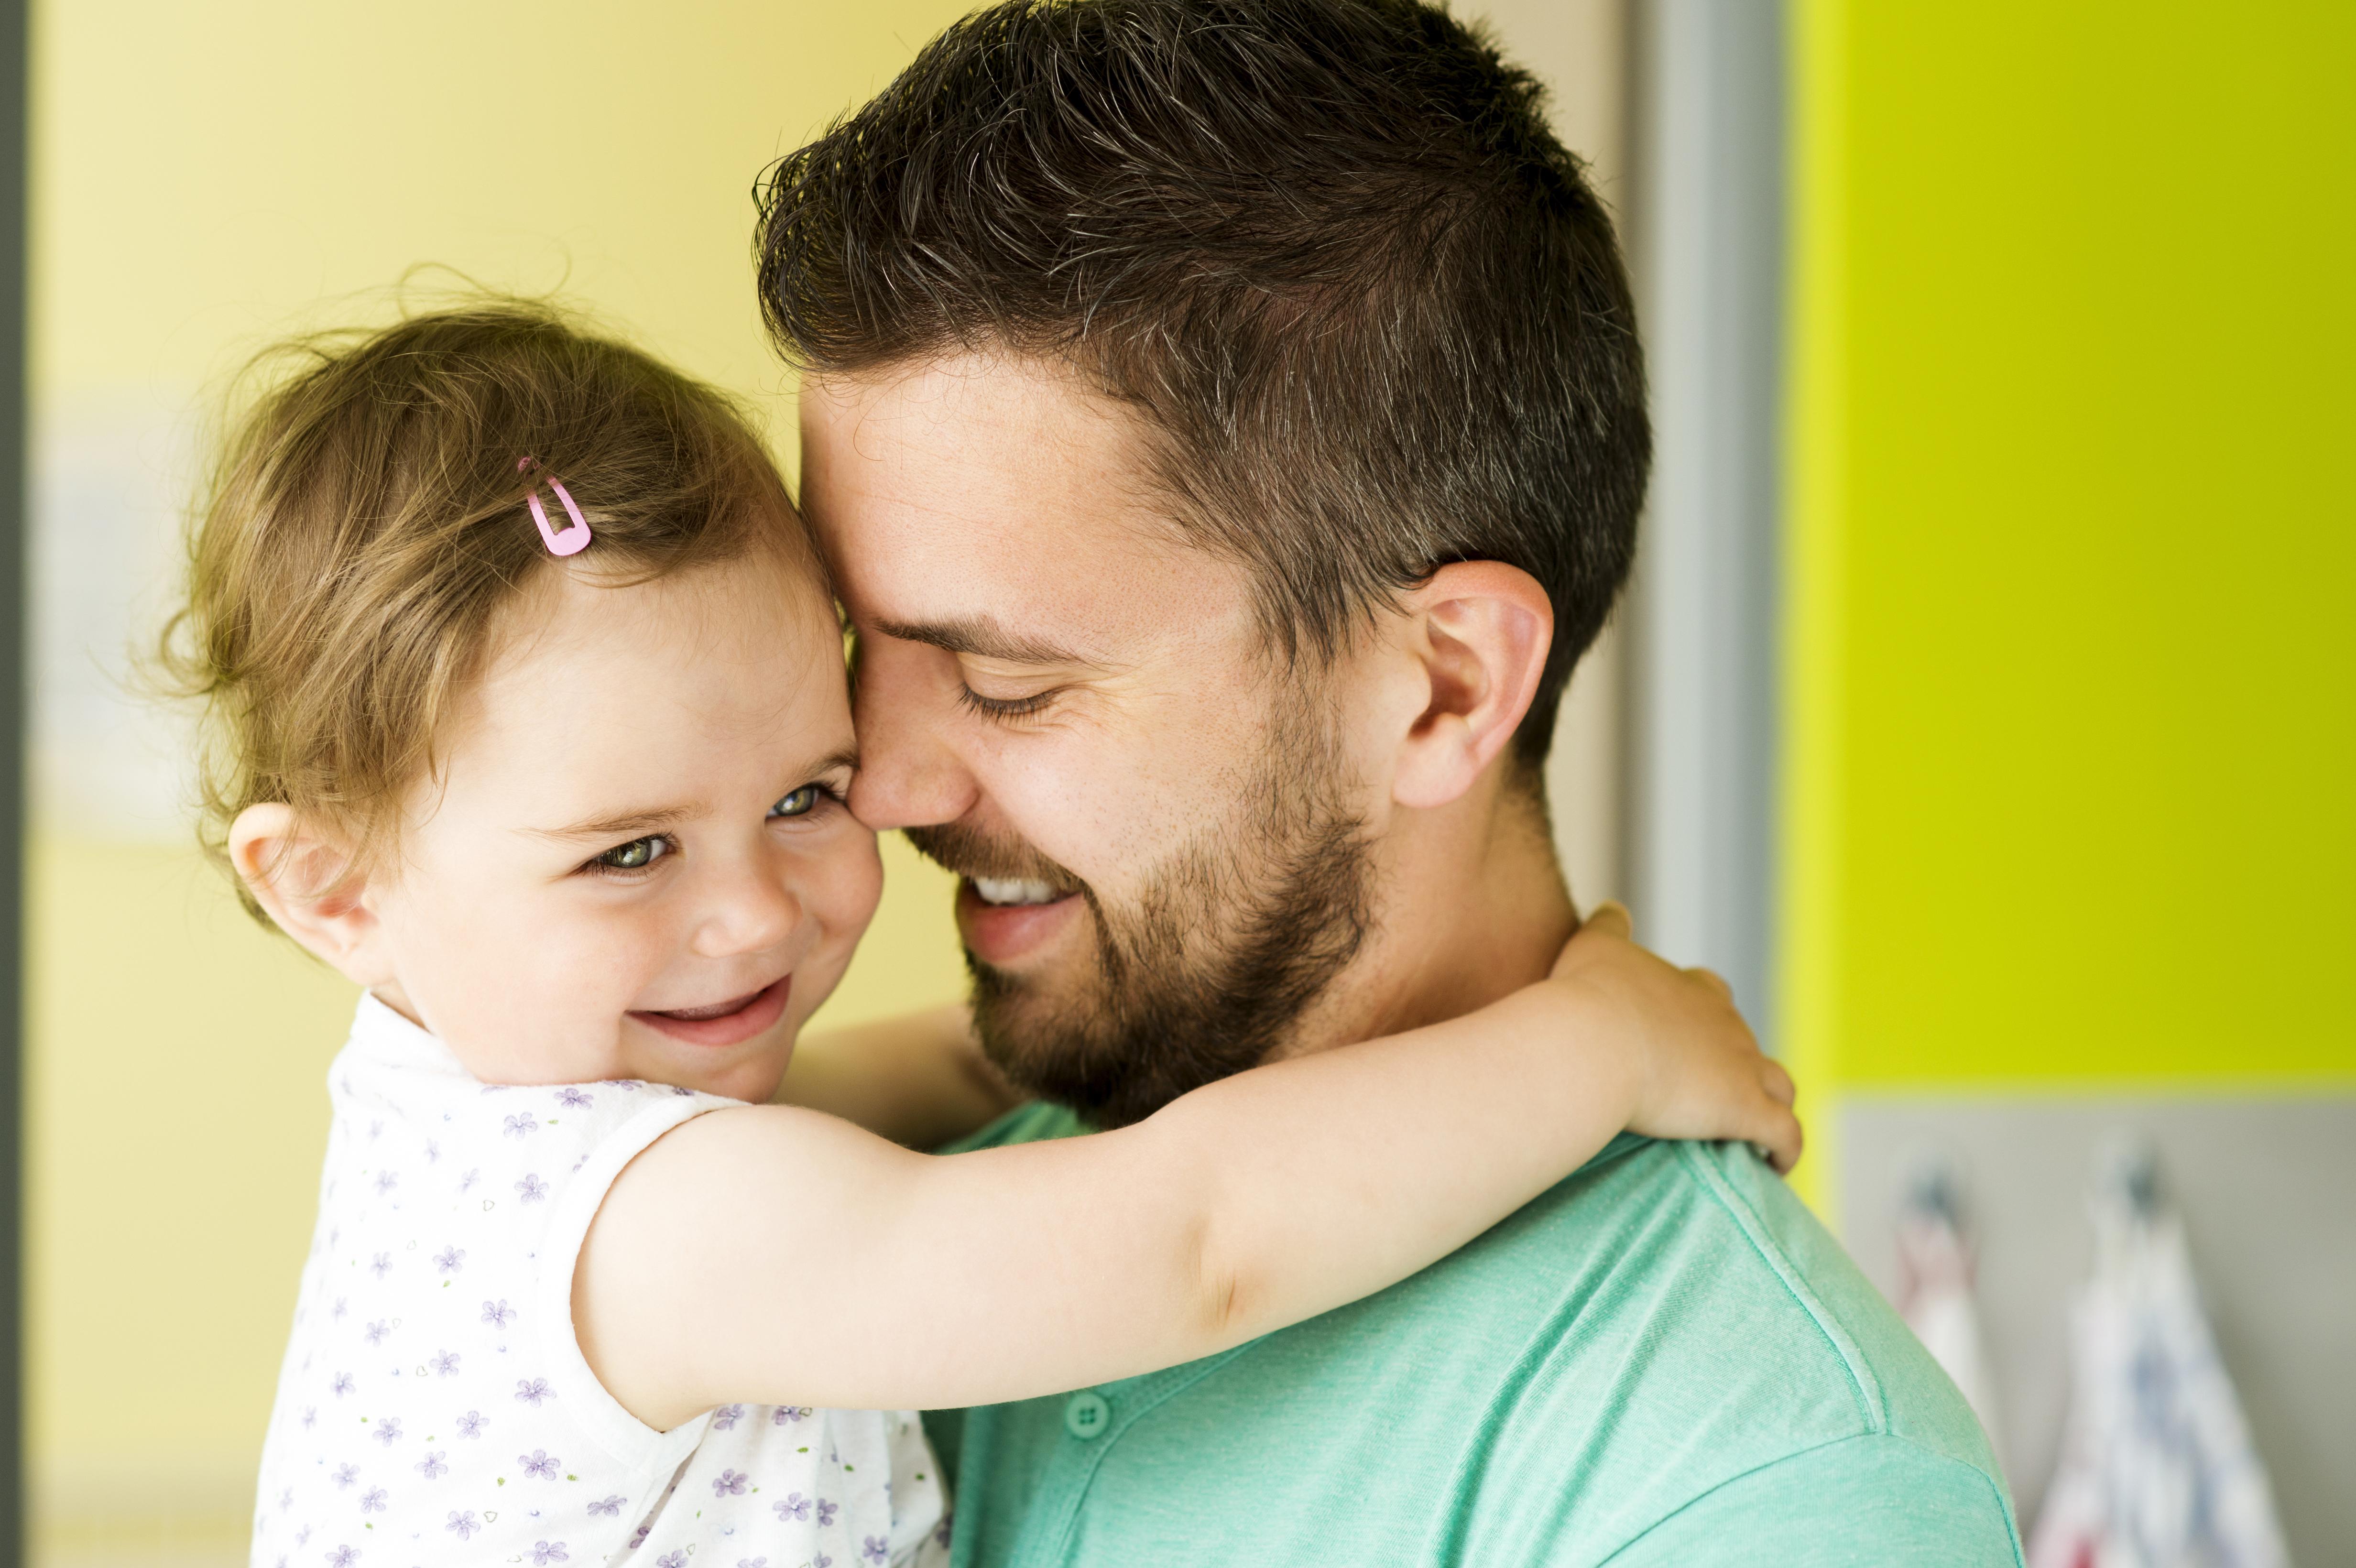 Forskning visar att hjärnan anpassar sig till föräldraskapet oavsett om man är gravid kvinna, pappa eller adoptivförälder.